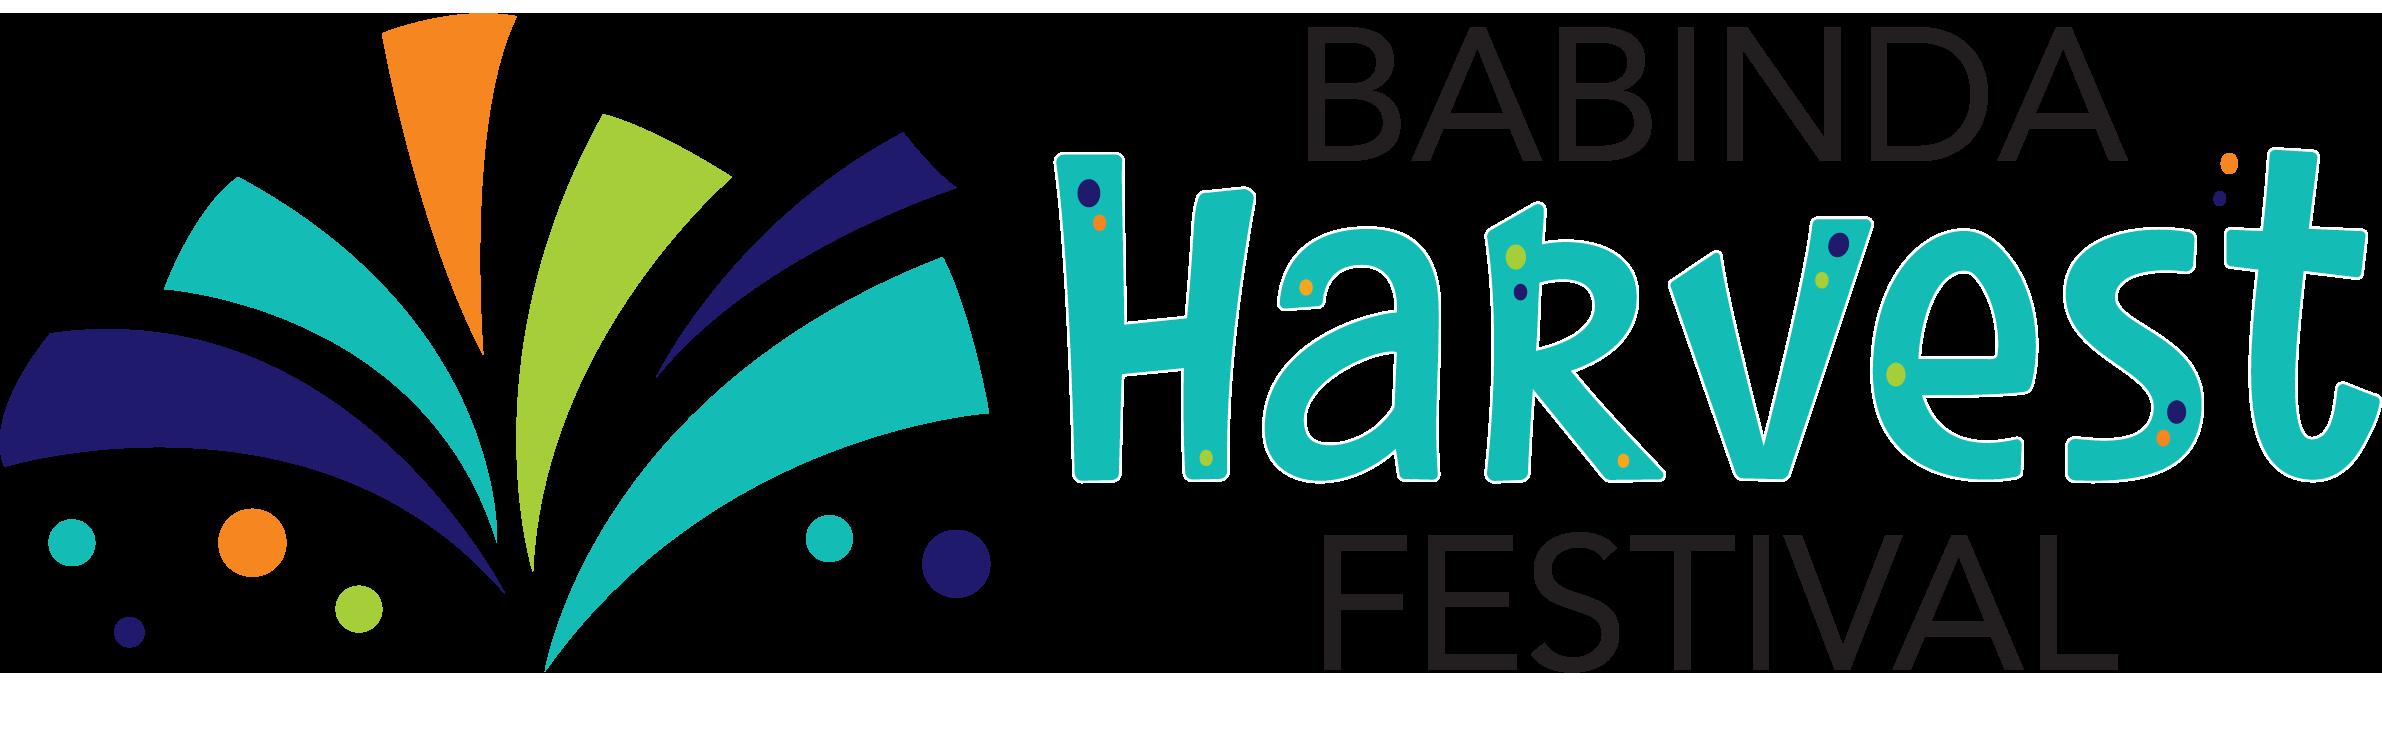 Babinda Harvest Fest